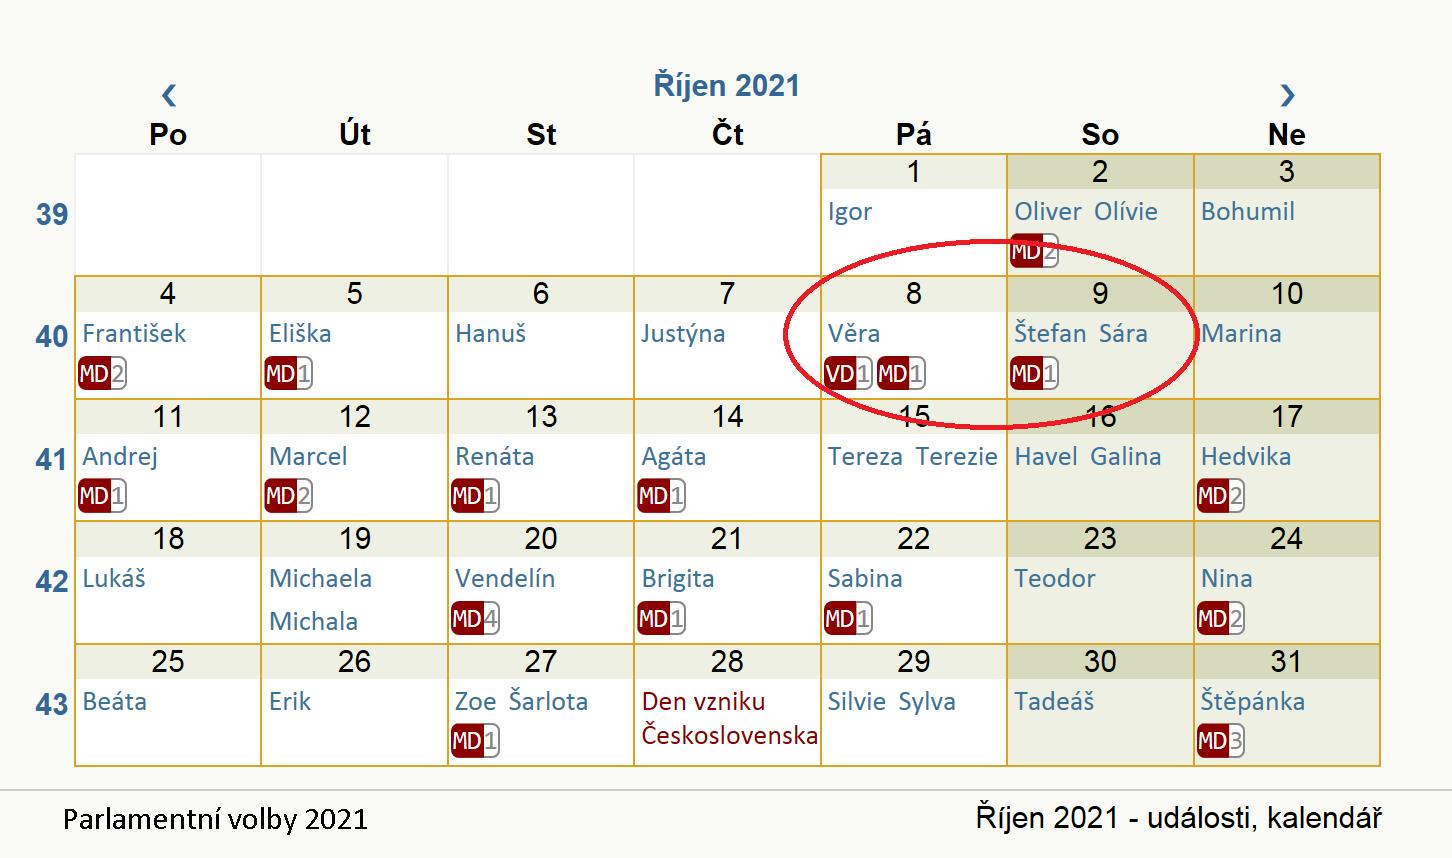 Parlamentní volby 2021 - volby do poslanecké sněmovny